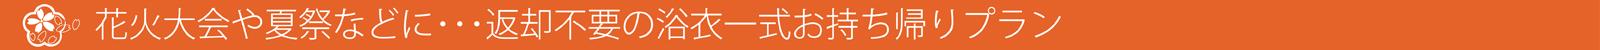 花火大会や祇園祭、京の七夕などに返却不要の浴衣お持ち帰りプラン